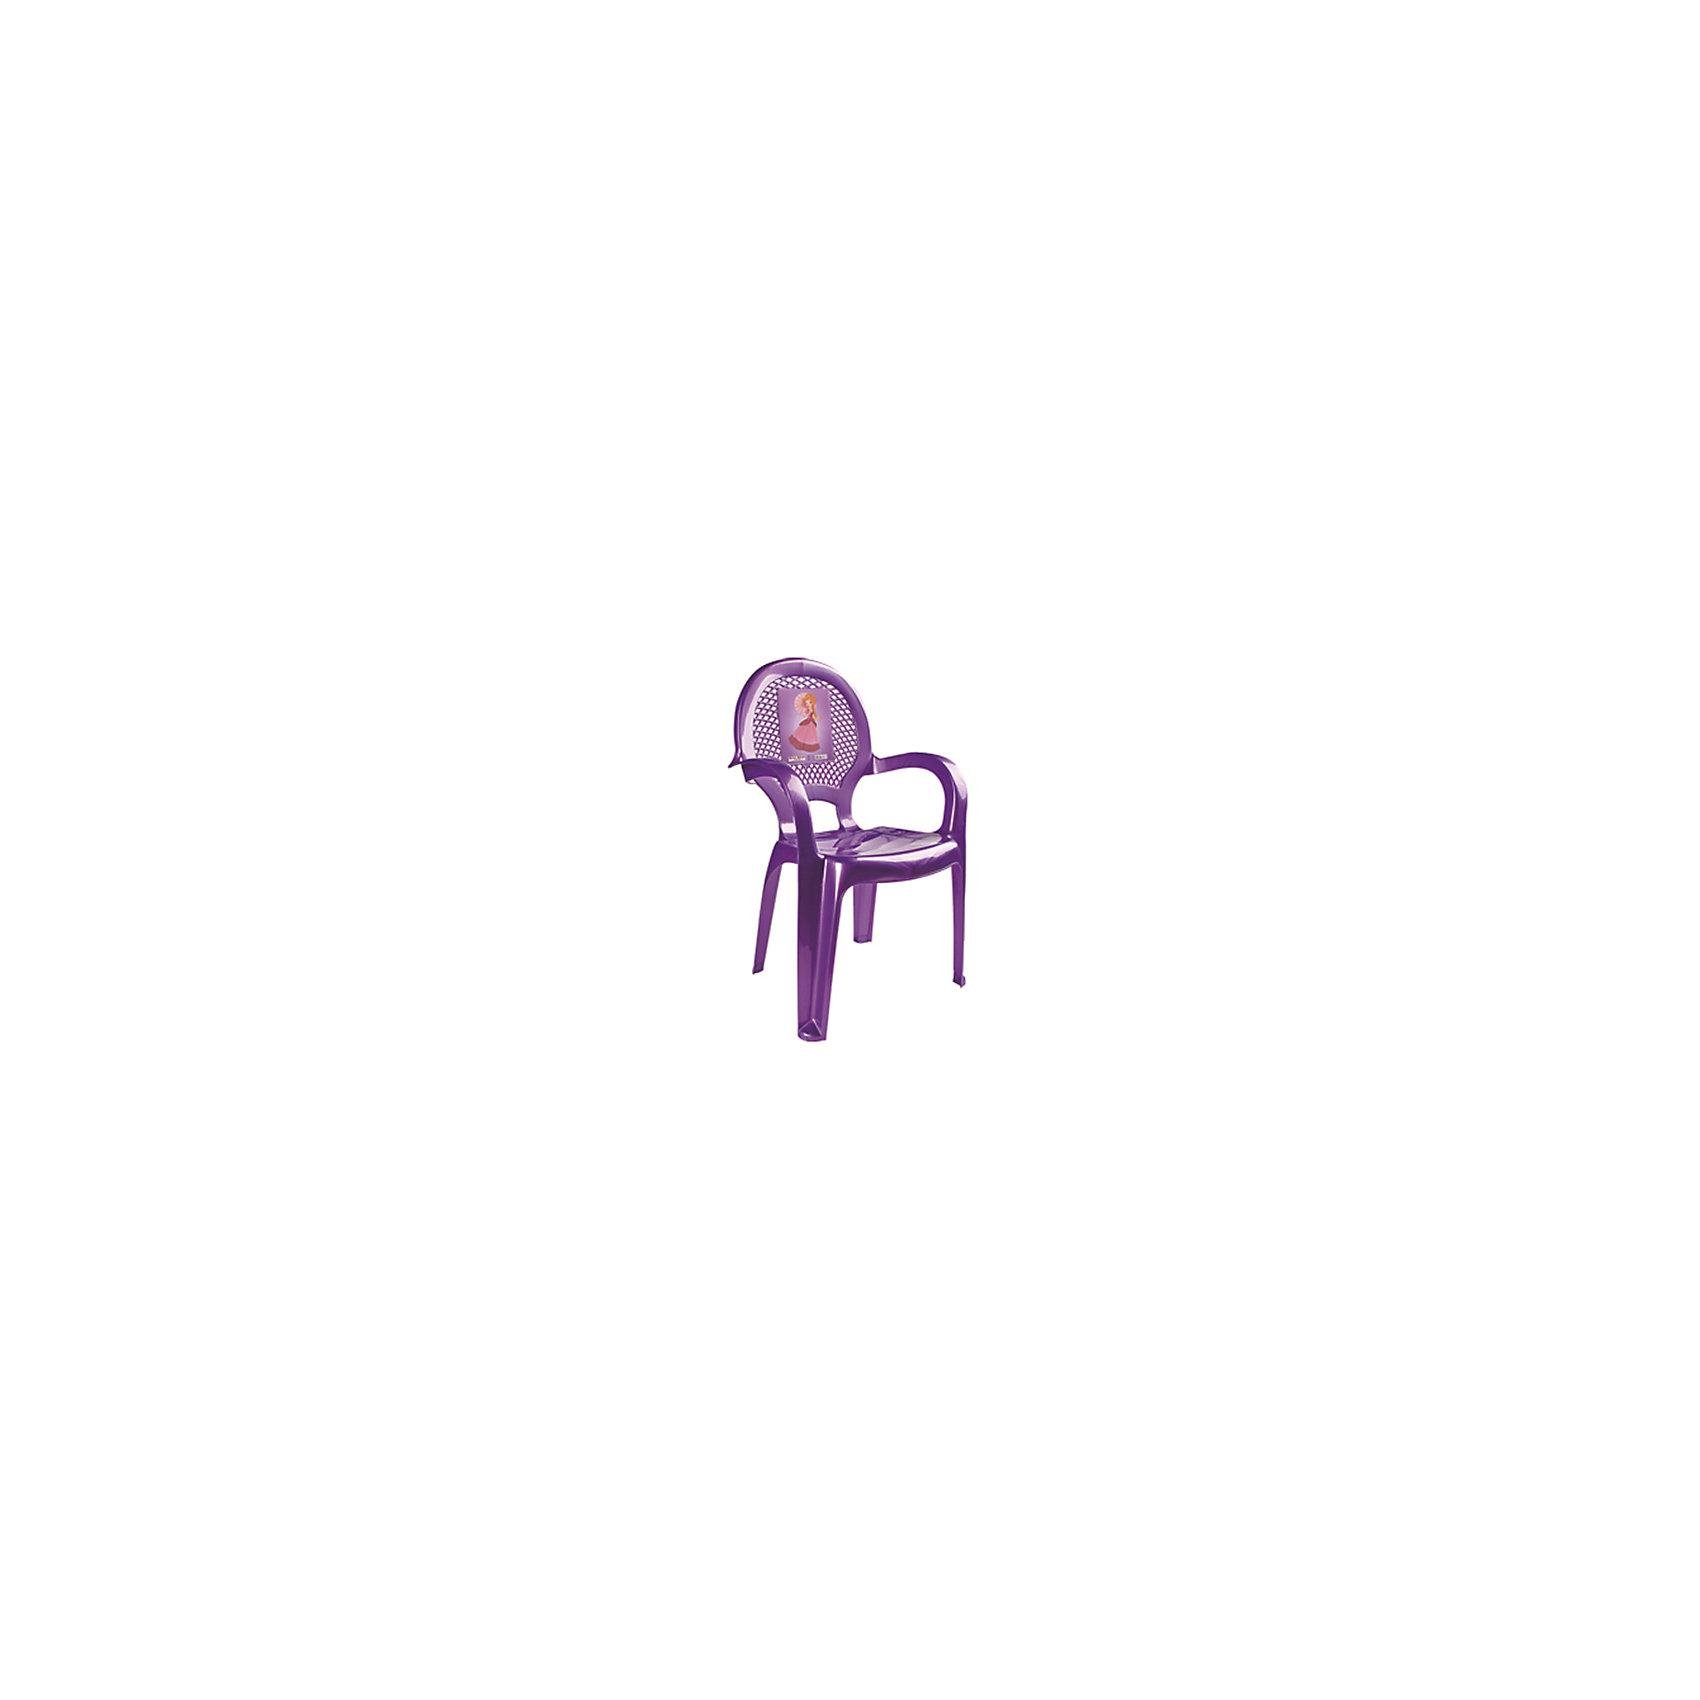 Стул Девочка с зонтикомМебель<br>Яркий, удобный стульчик для вашего малыша. Изделие изготовлено из высококачественной пластмассы с использованием современных технологий. Все условия для комфорта вашего малыша: спинка высокая, на спинке имеется рисунок, спинка сетчатая, эргономичные подлокотники, форма компактная и удобная для хранения - стулья можно составить один в другой, легко моется водой с любым моющим средством. <br><br>Дополнительная информация:<br><br>Материал: пластик.<br>Размер: высота - 55 см.<br>Цвет: фиолетовый.<br><br>Детский стульчик с рисунком в фиолетовом цвете, можно купить в нашем магазине.<br><br>Ширина мм: 750<br>Глубина мм: 480<br>Высота мм: 380<br>Вес г: 600<br>Возраст от месяцев: 24<br>Возраст до месяцев: 84<br>Пол: Унисекс<br>Возраст: Детский<br>SKU: 4718407